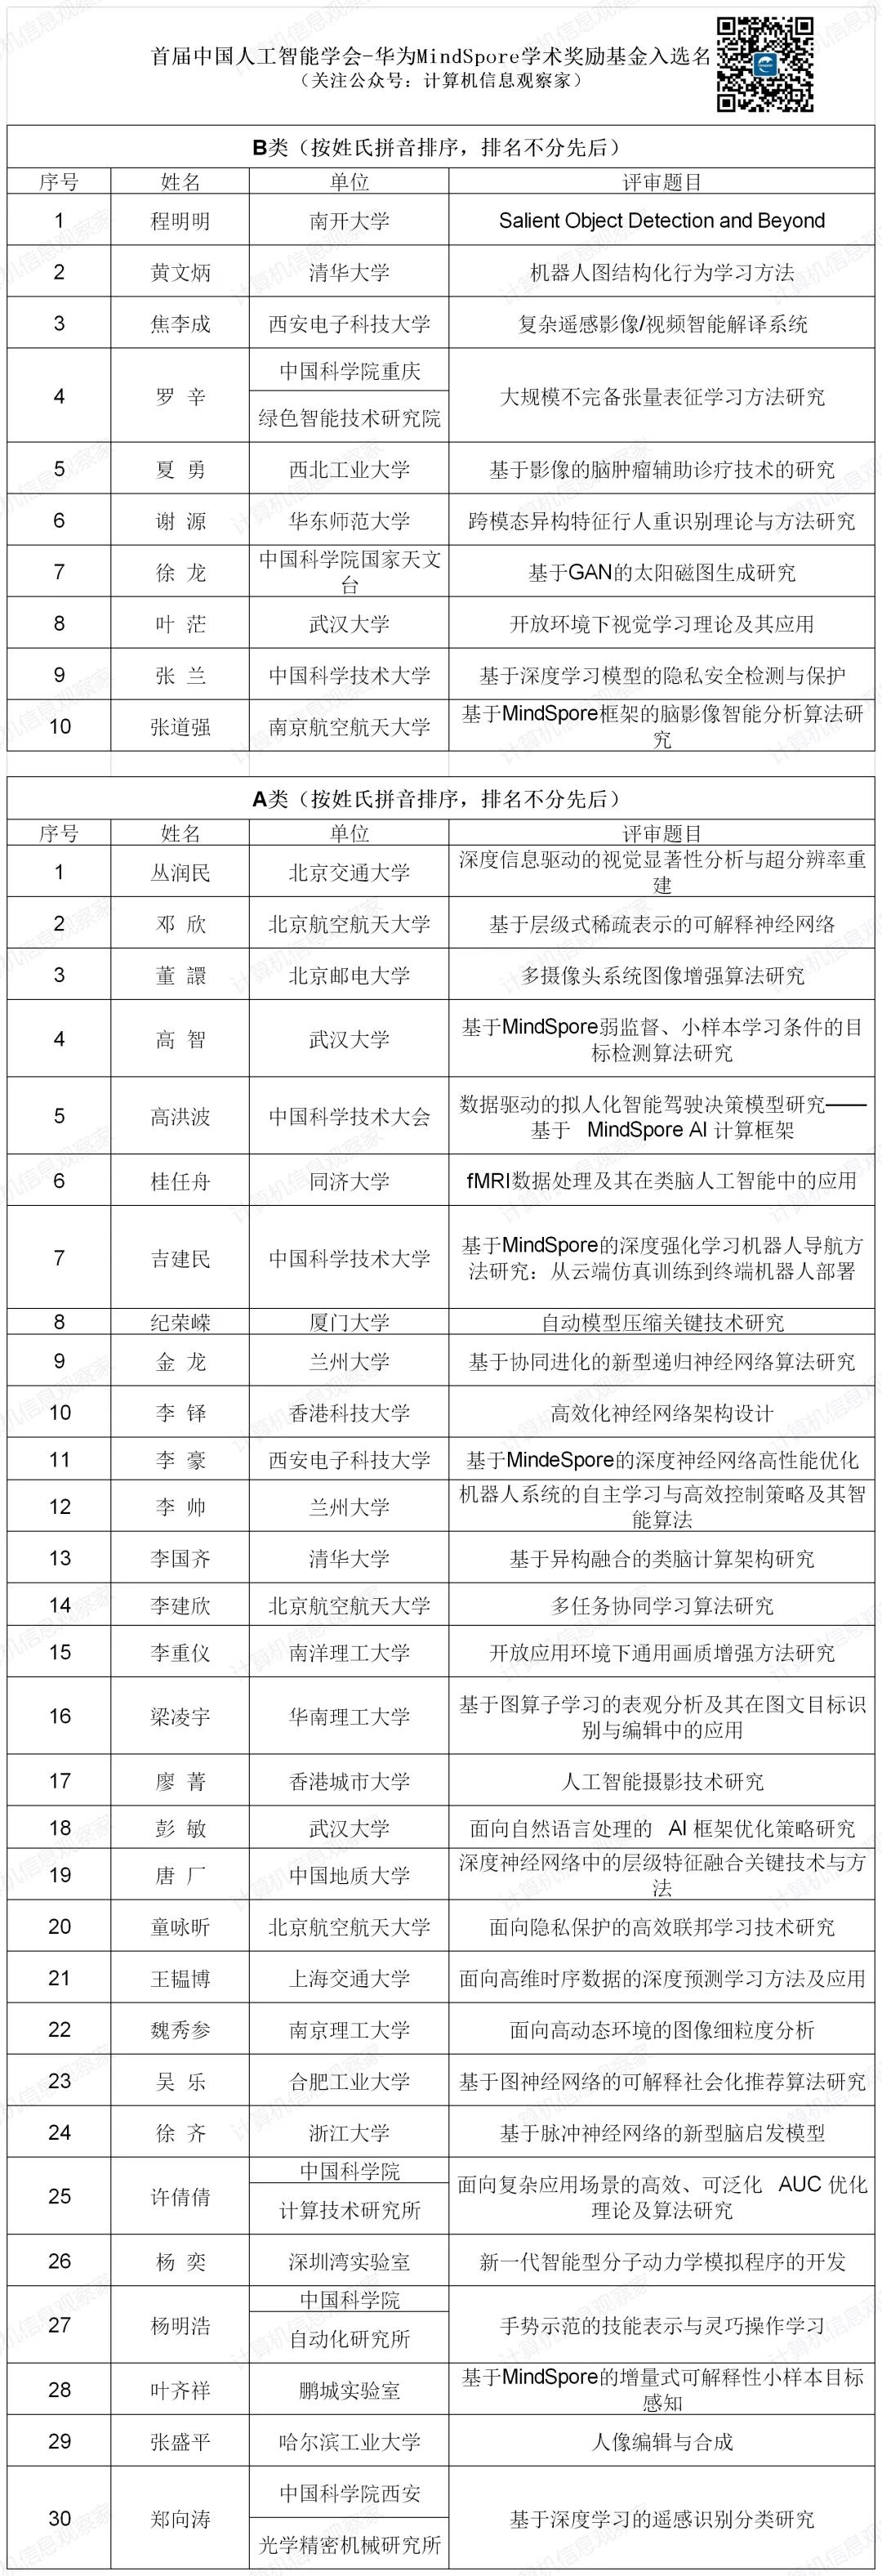 华为学术奖励基金.png